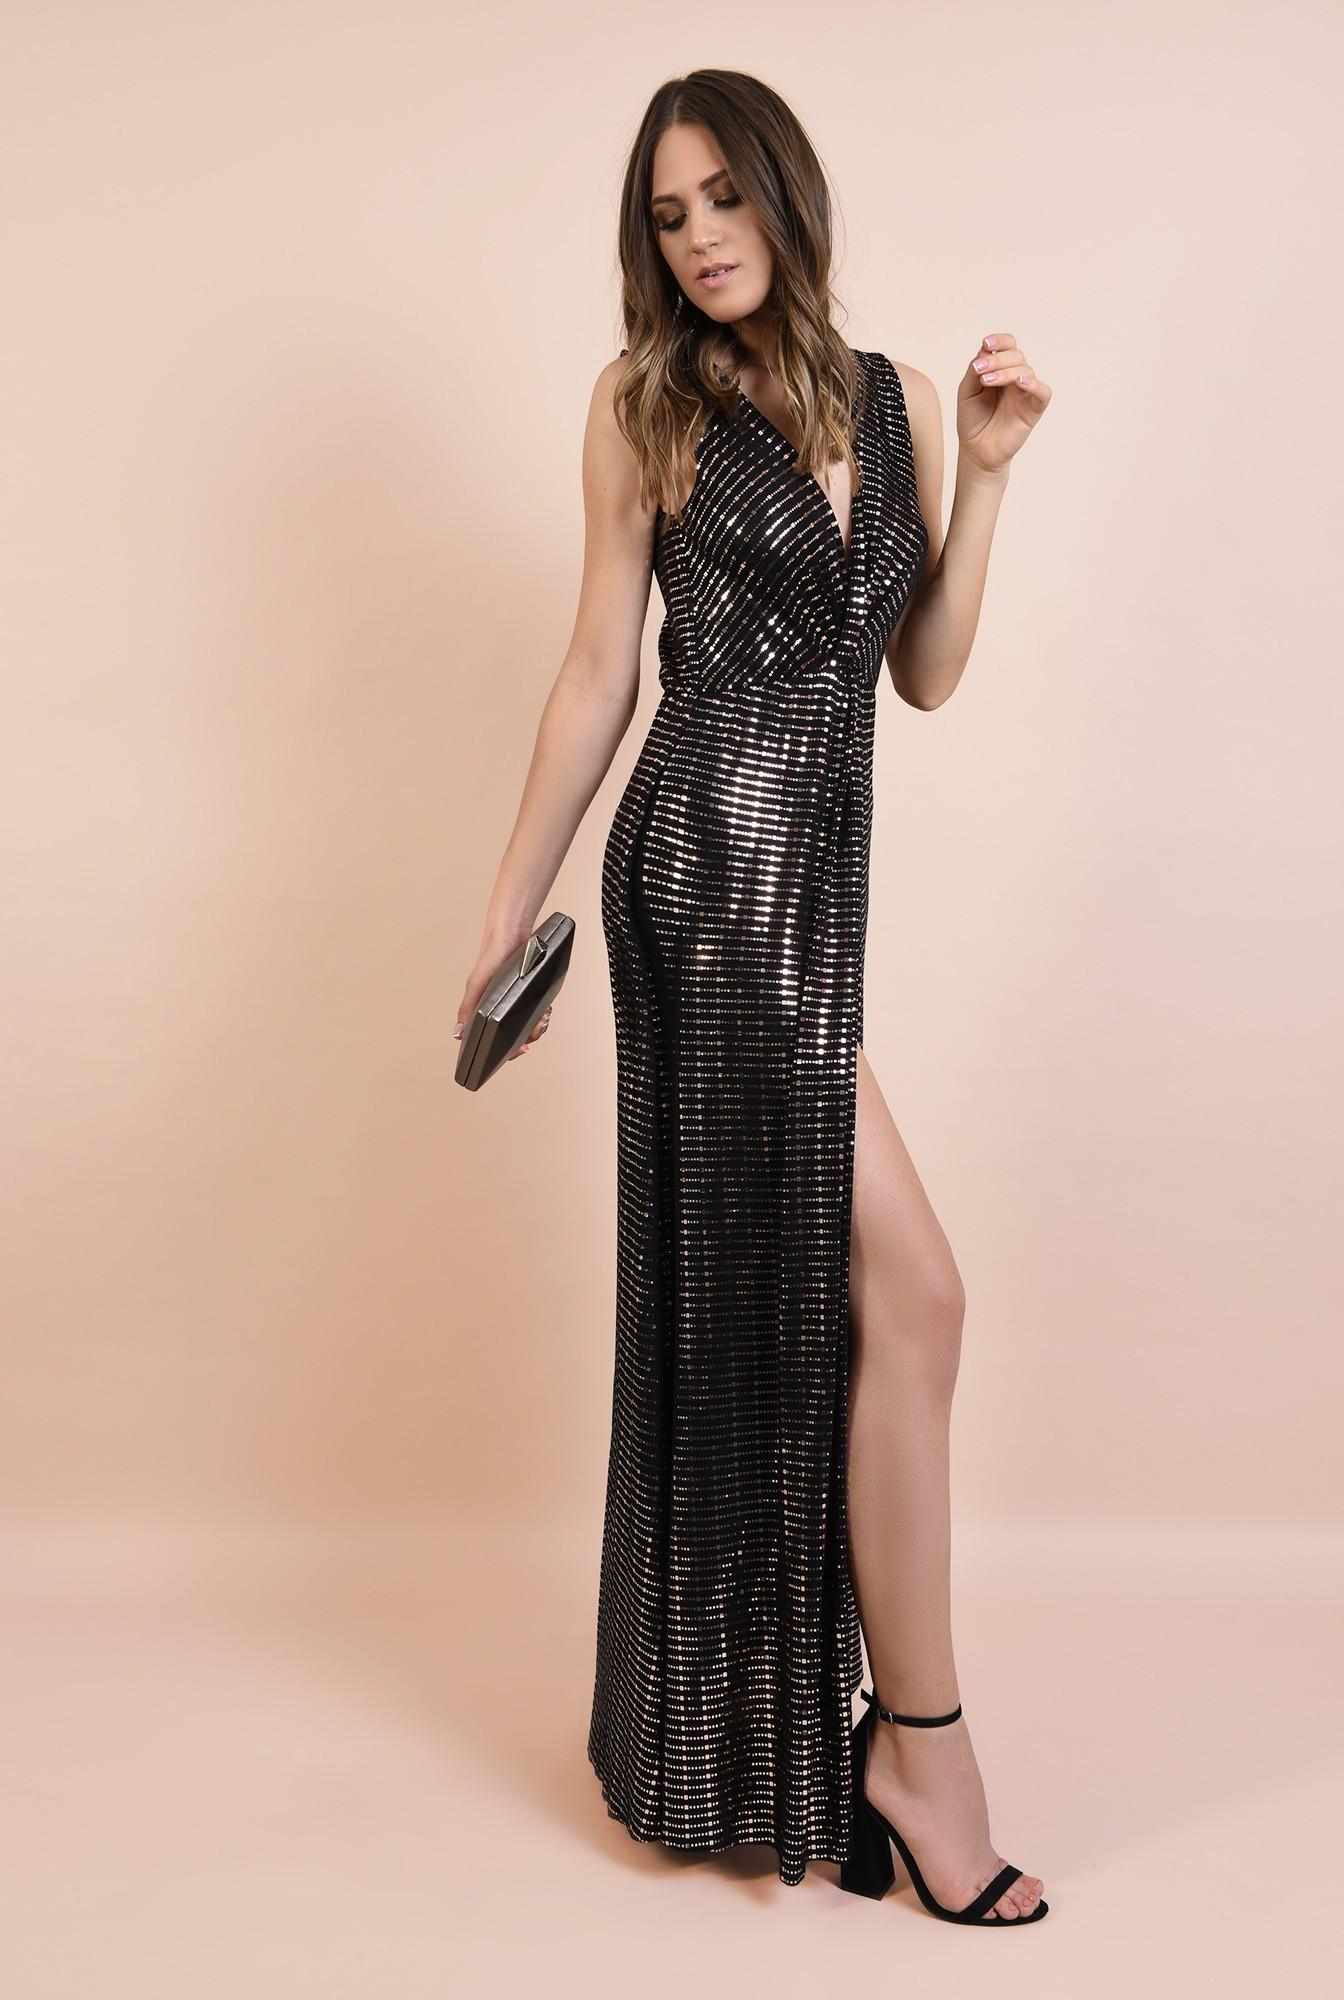 3 - 360 - rochie de seara, lunga, din lurex cu detalii aurii, anchior, croi petrecut, Poema